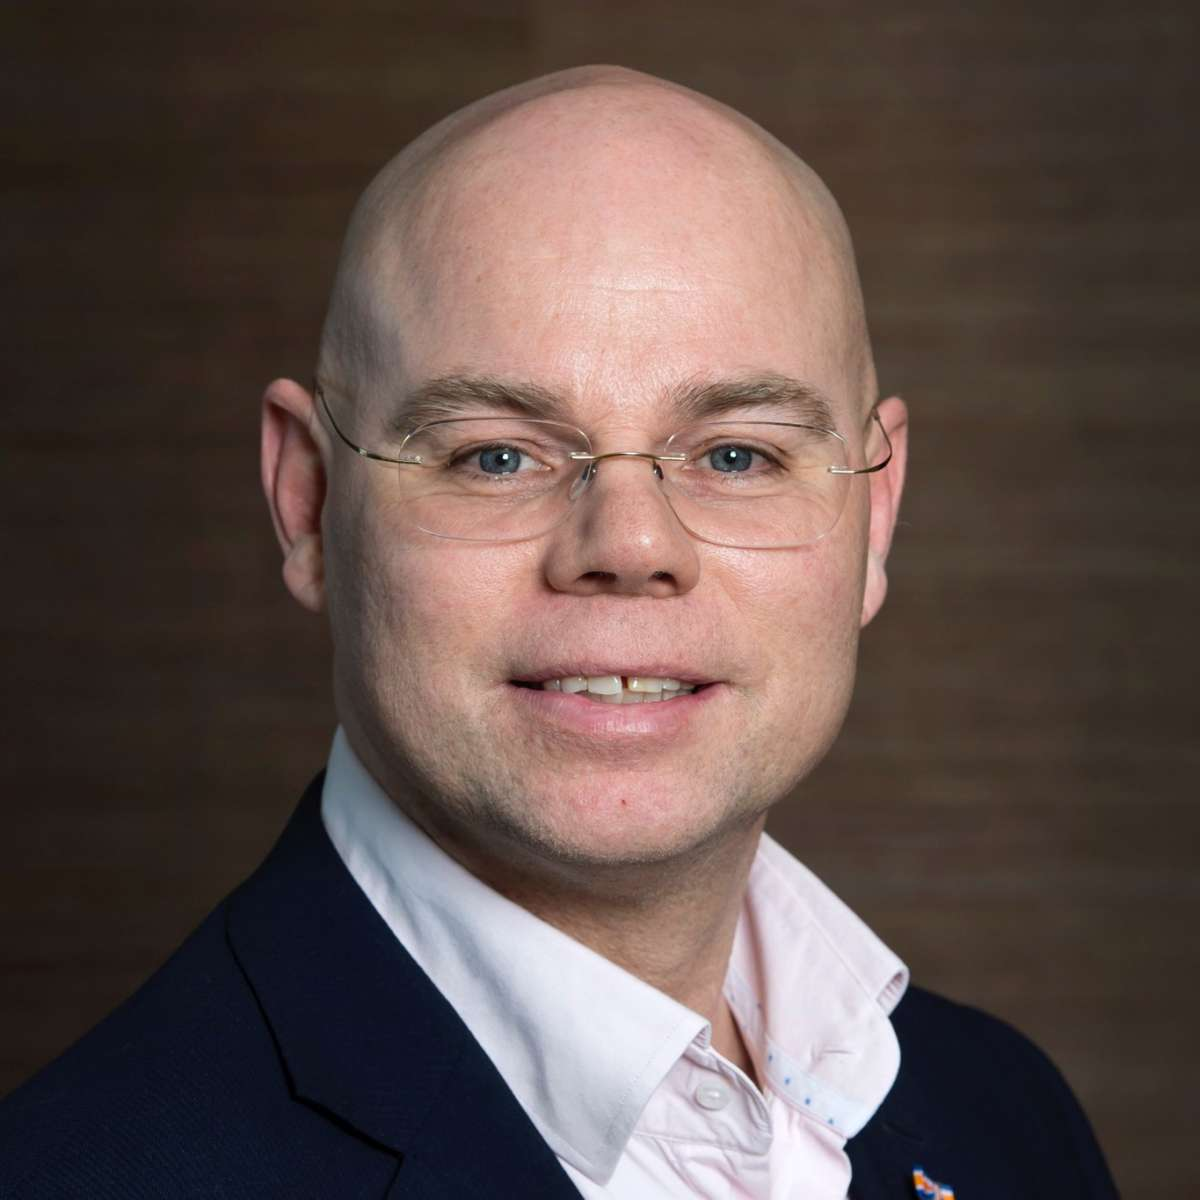 Tjeerd Haasbroek